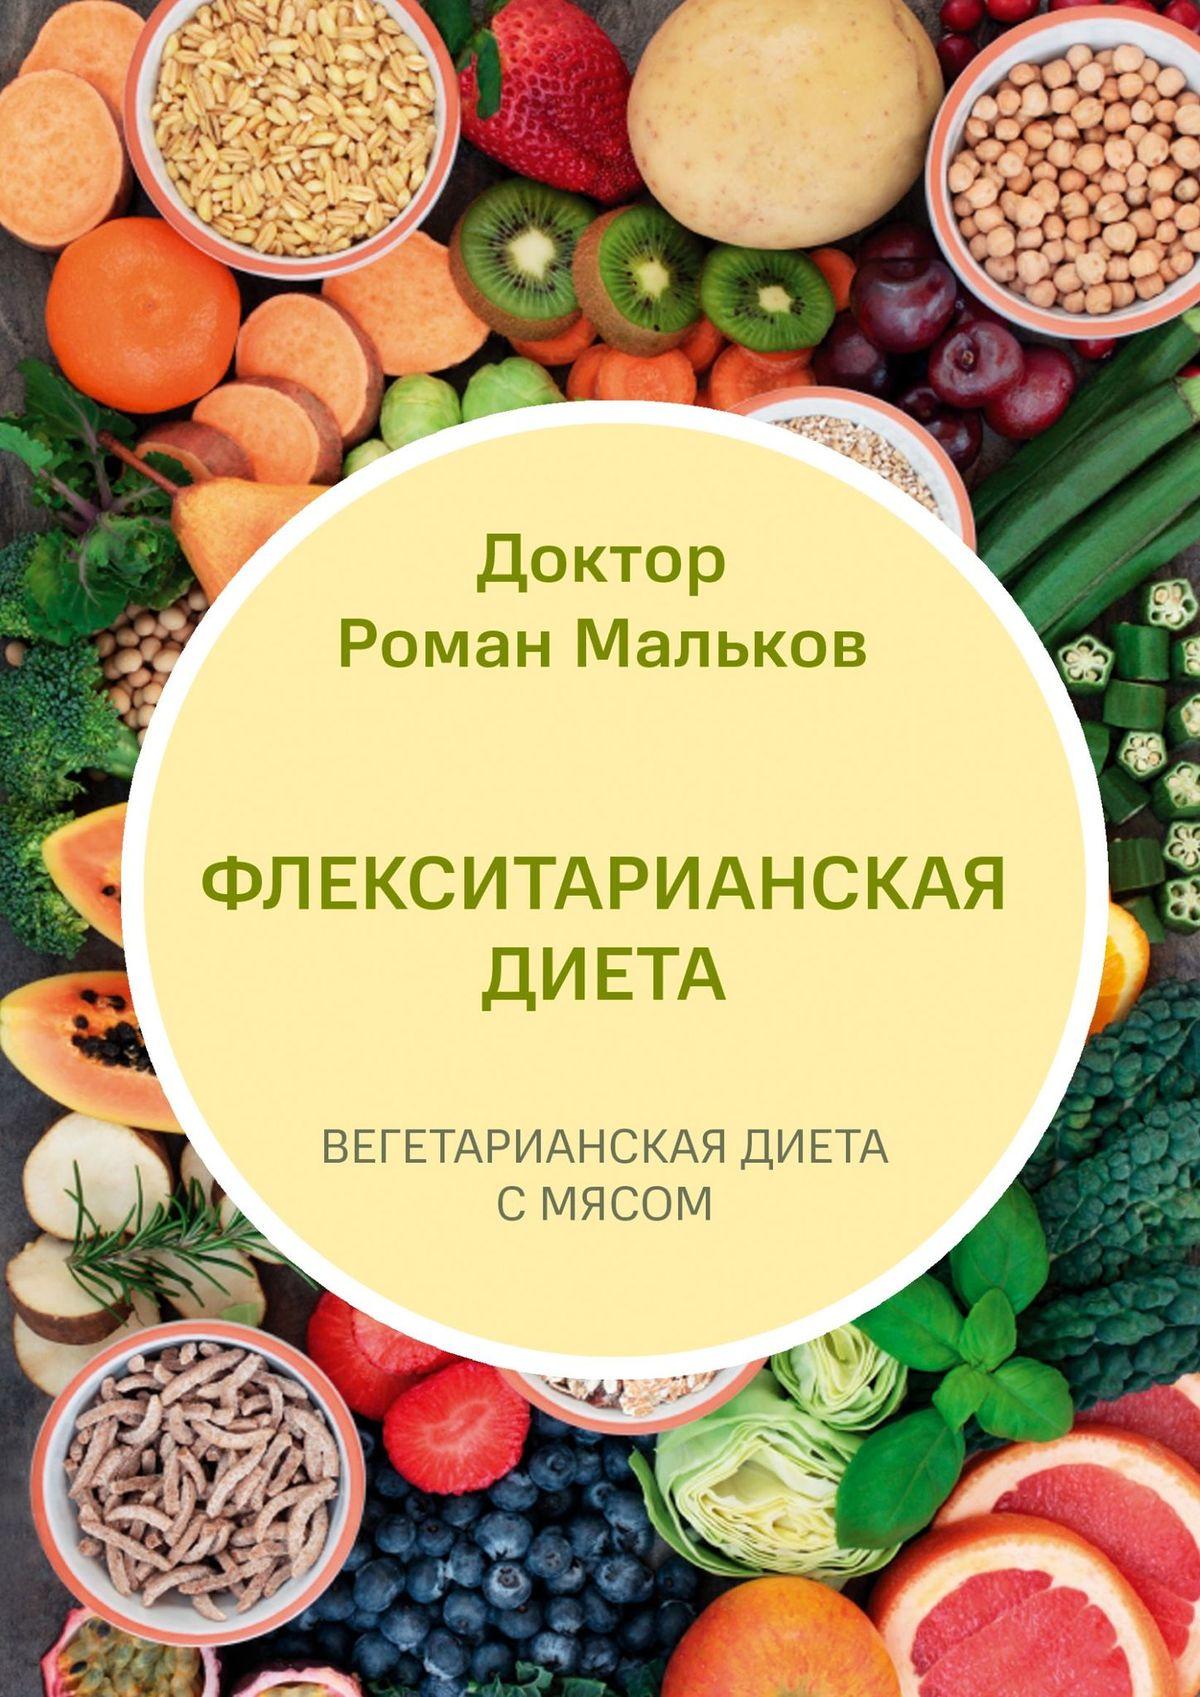 Доктор Роман Мальков Флекситарианская диета. Вегетарианская диета смясом для беременных диета